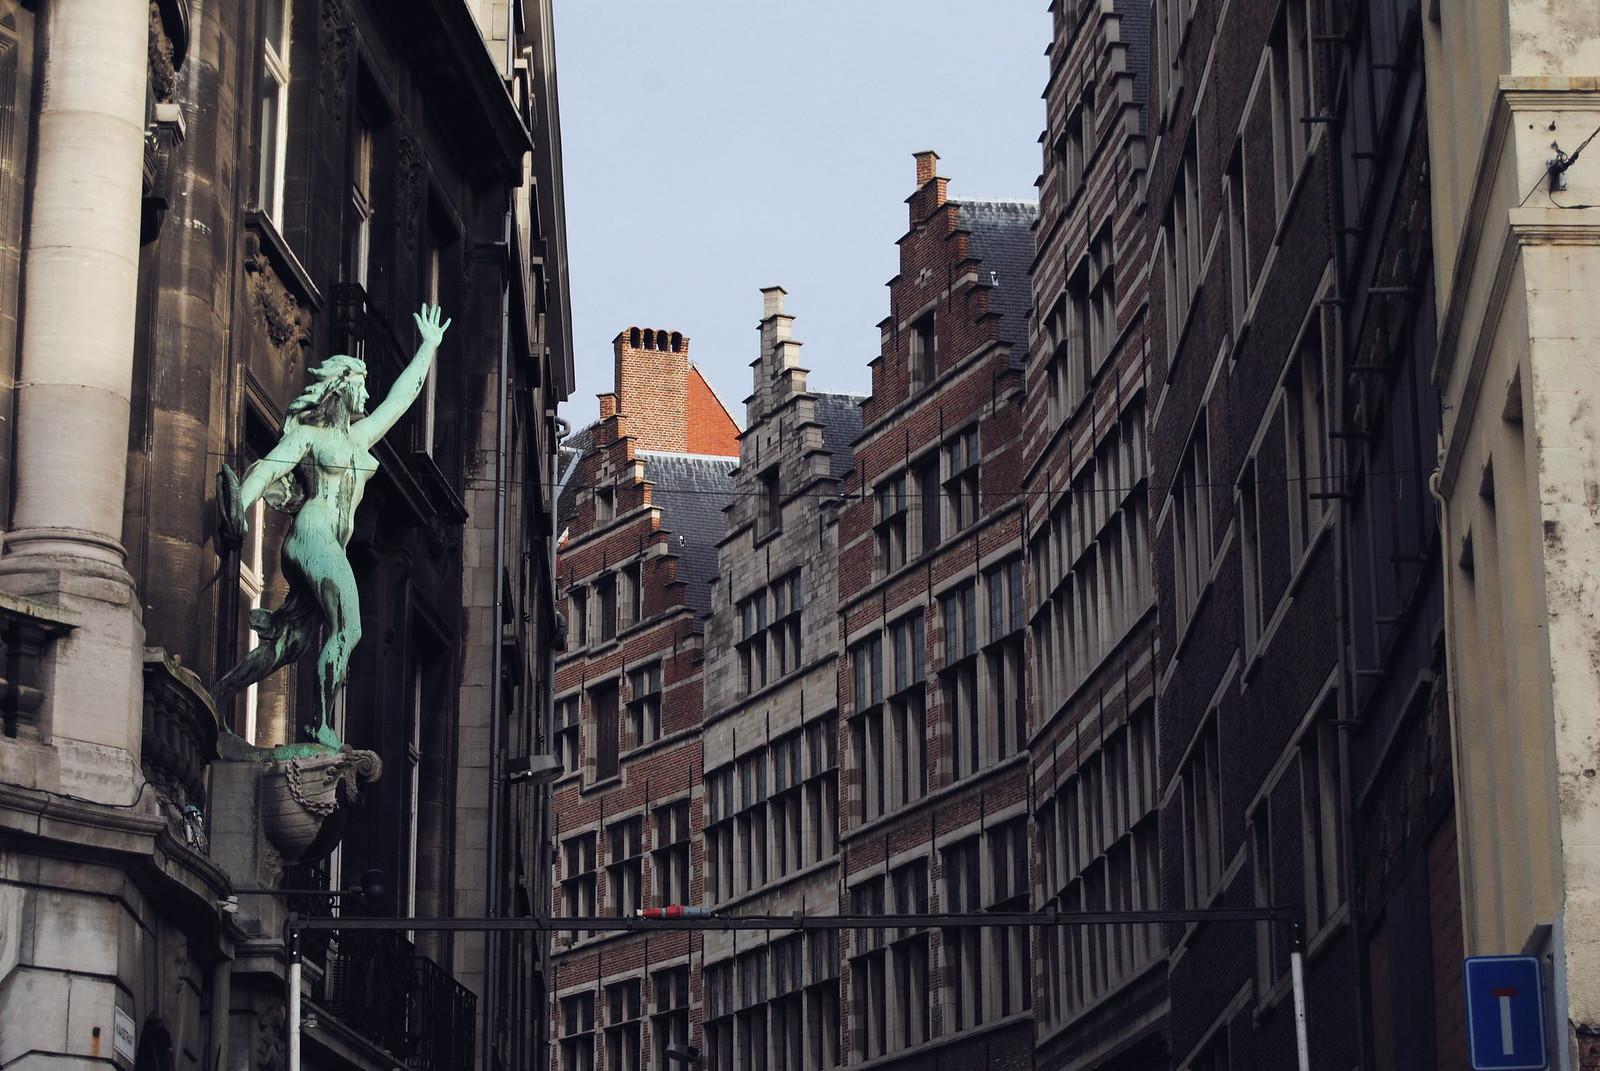 A view of the Kaasstraat in Antwerp.